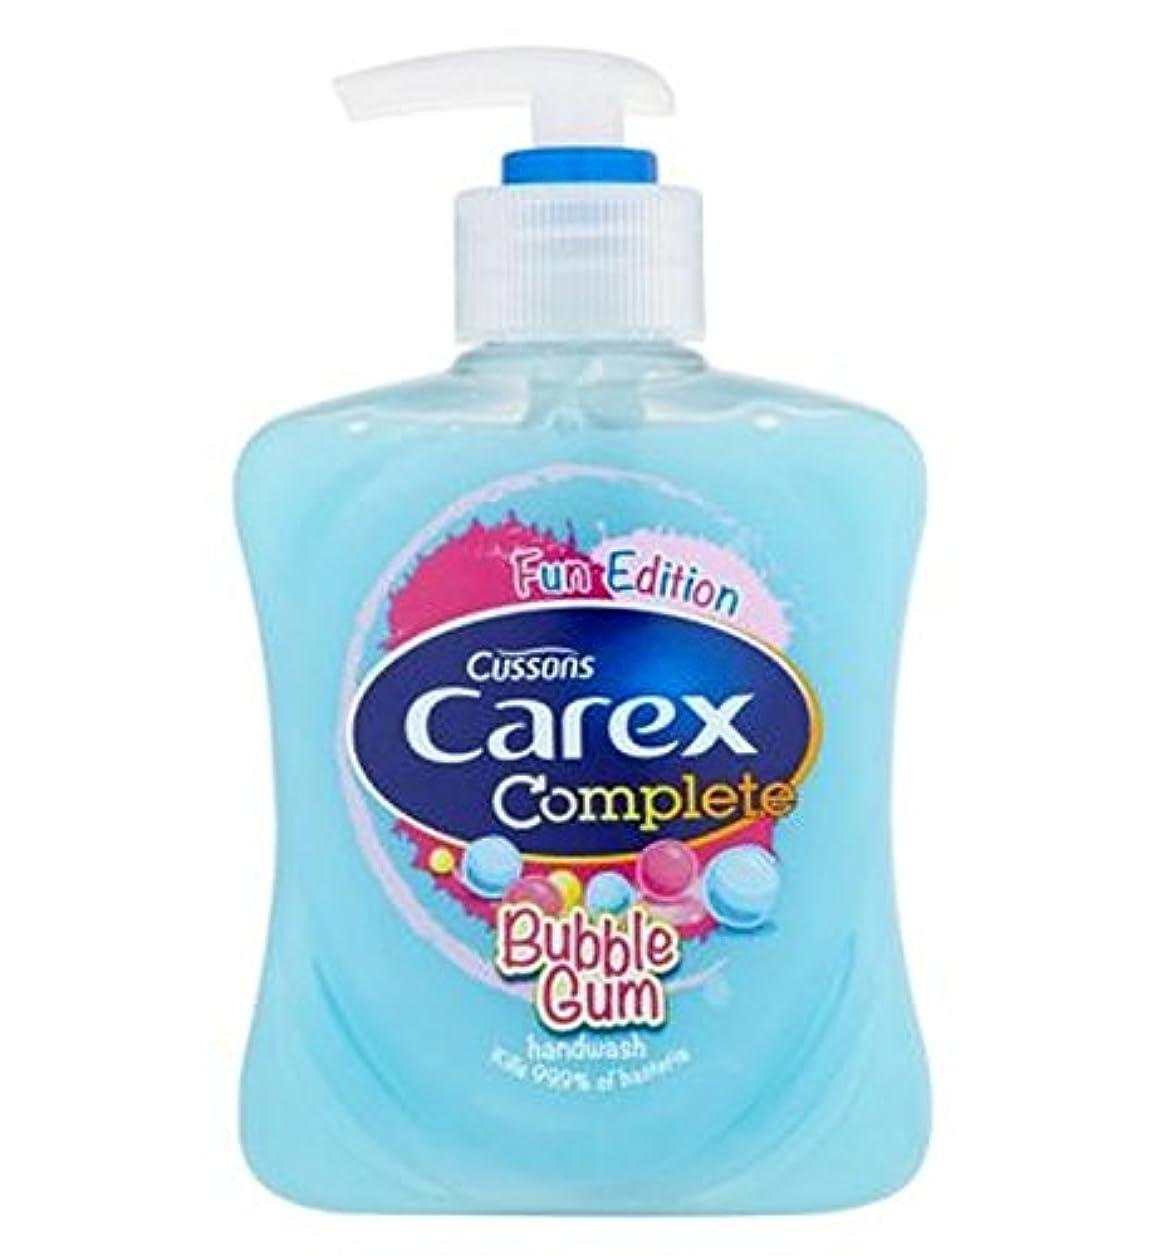 農場効果小さなCarex Fun Bubble Gum Hand Wash 250ml - スゲ属楽しいバブルガムハンドウォッシュ250ミリリットル (Carex) [並行輸入品]